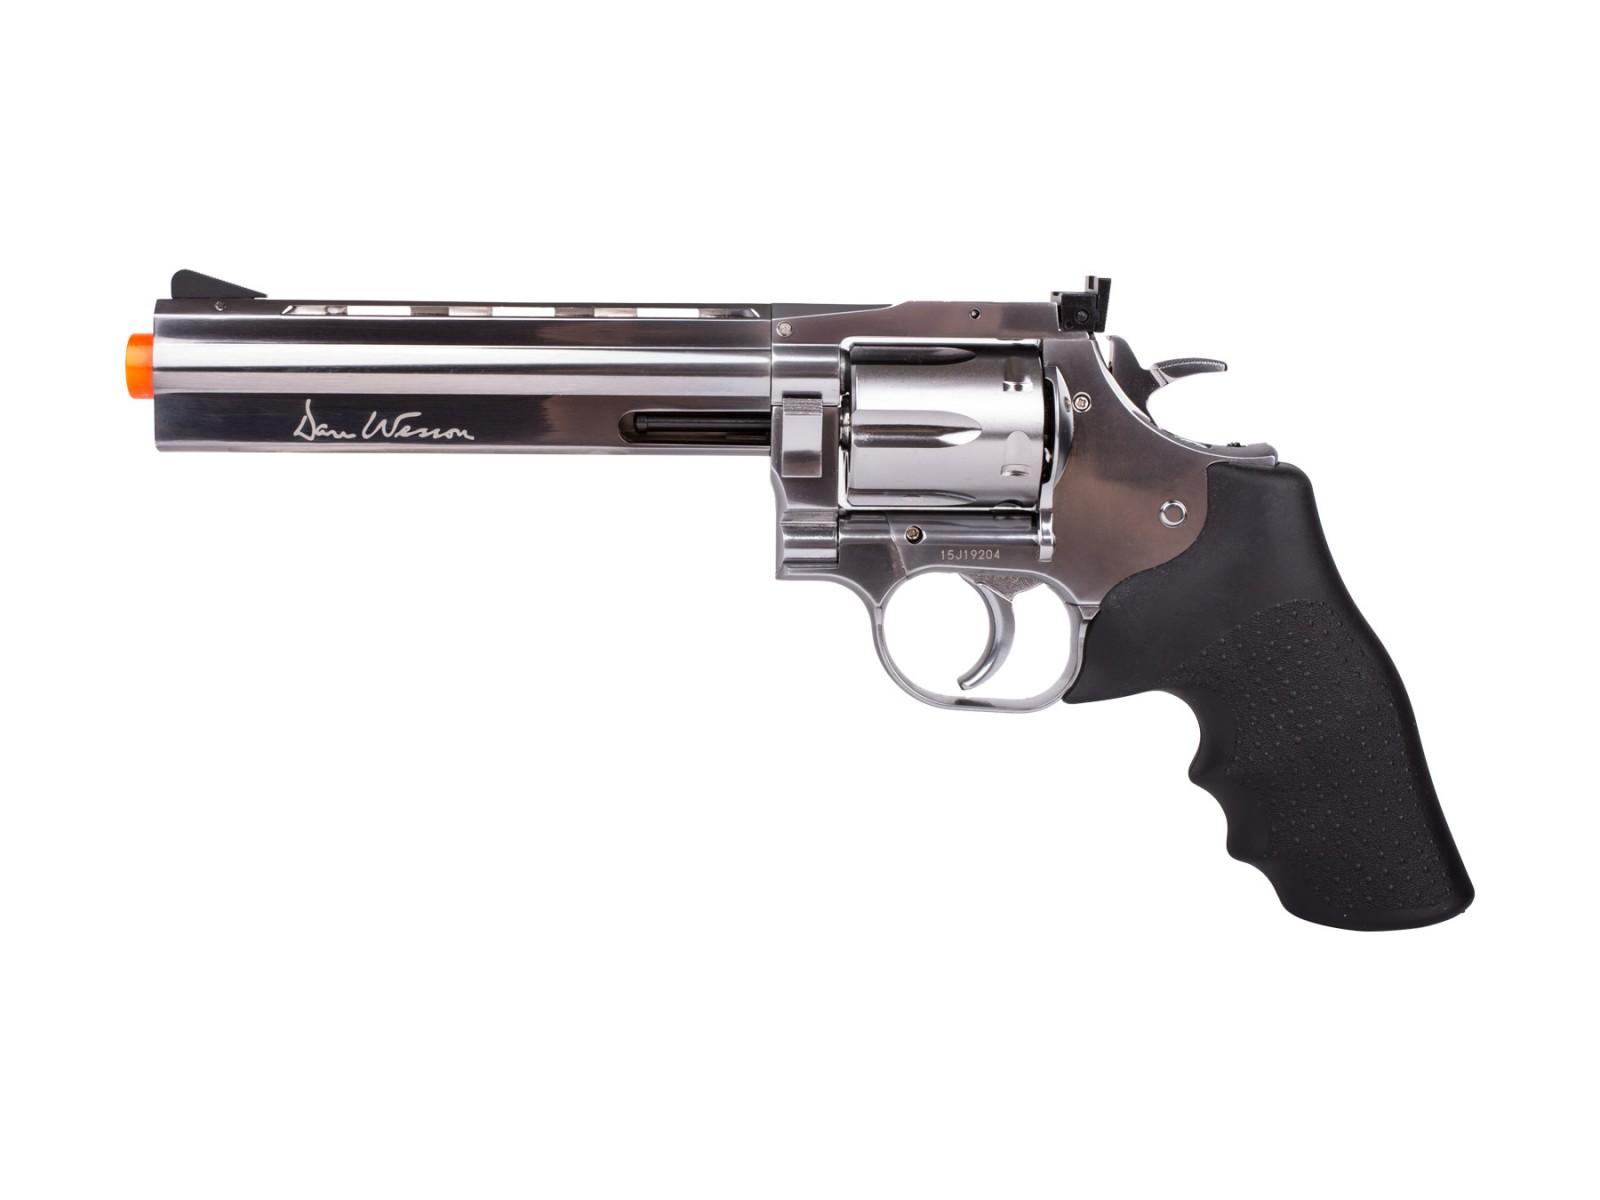 Dan_Wesson_715_6_CO2_Airsoft_Revolver_Silver_6mm